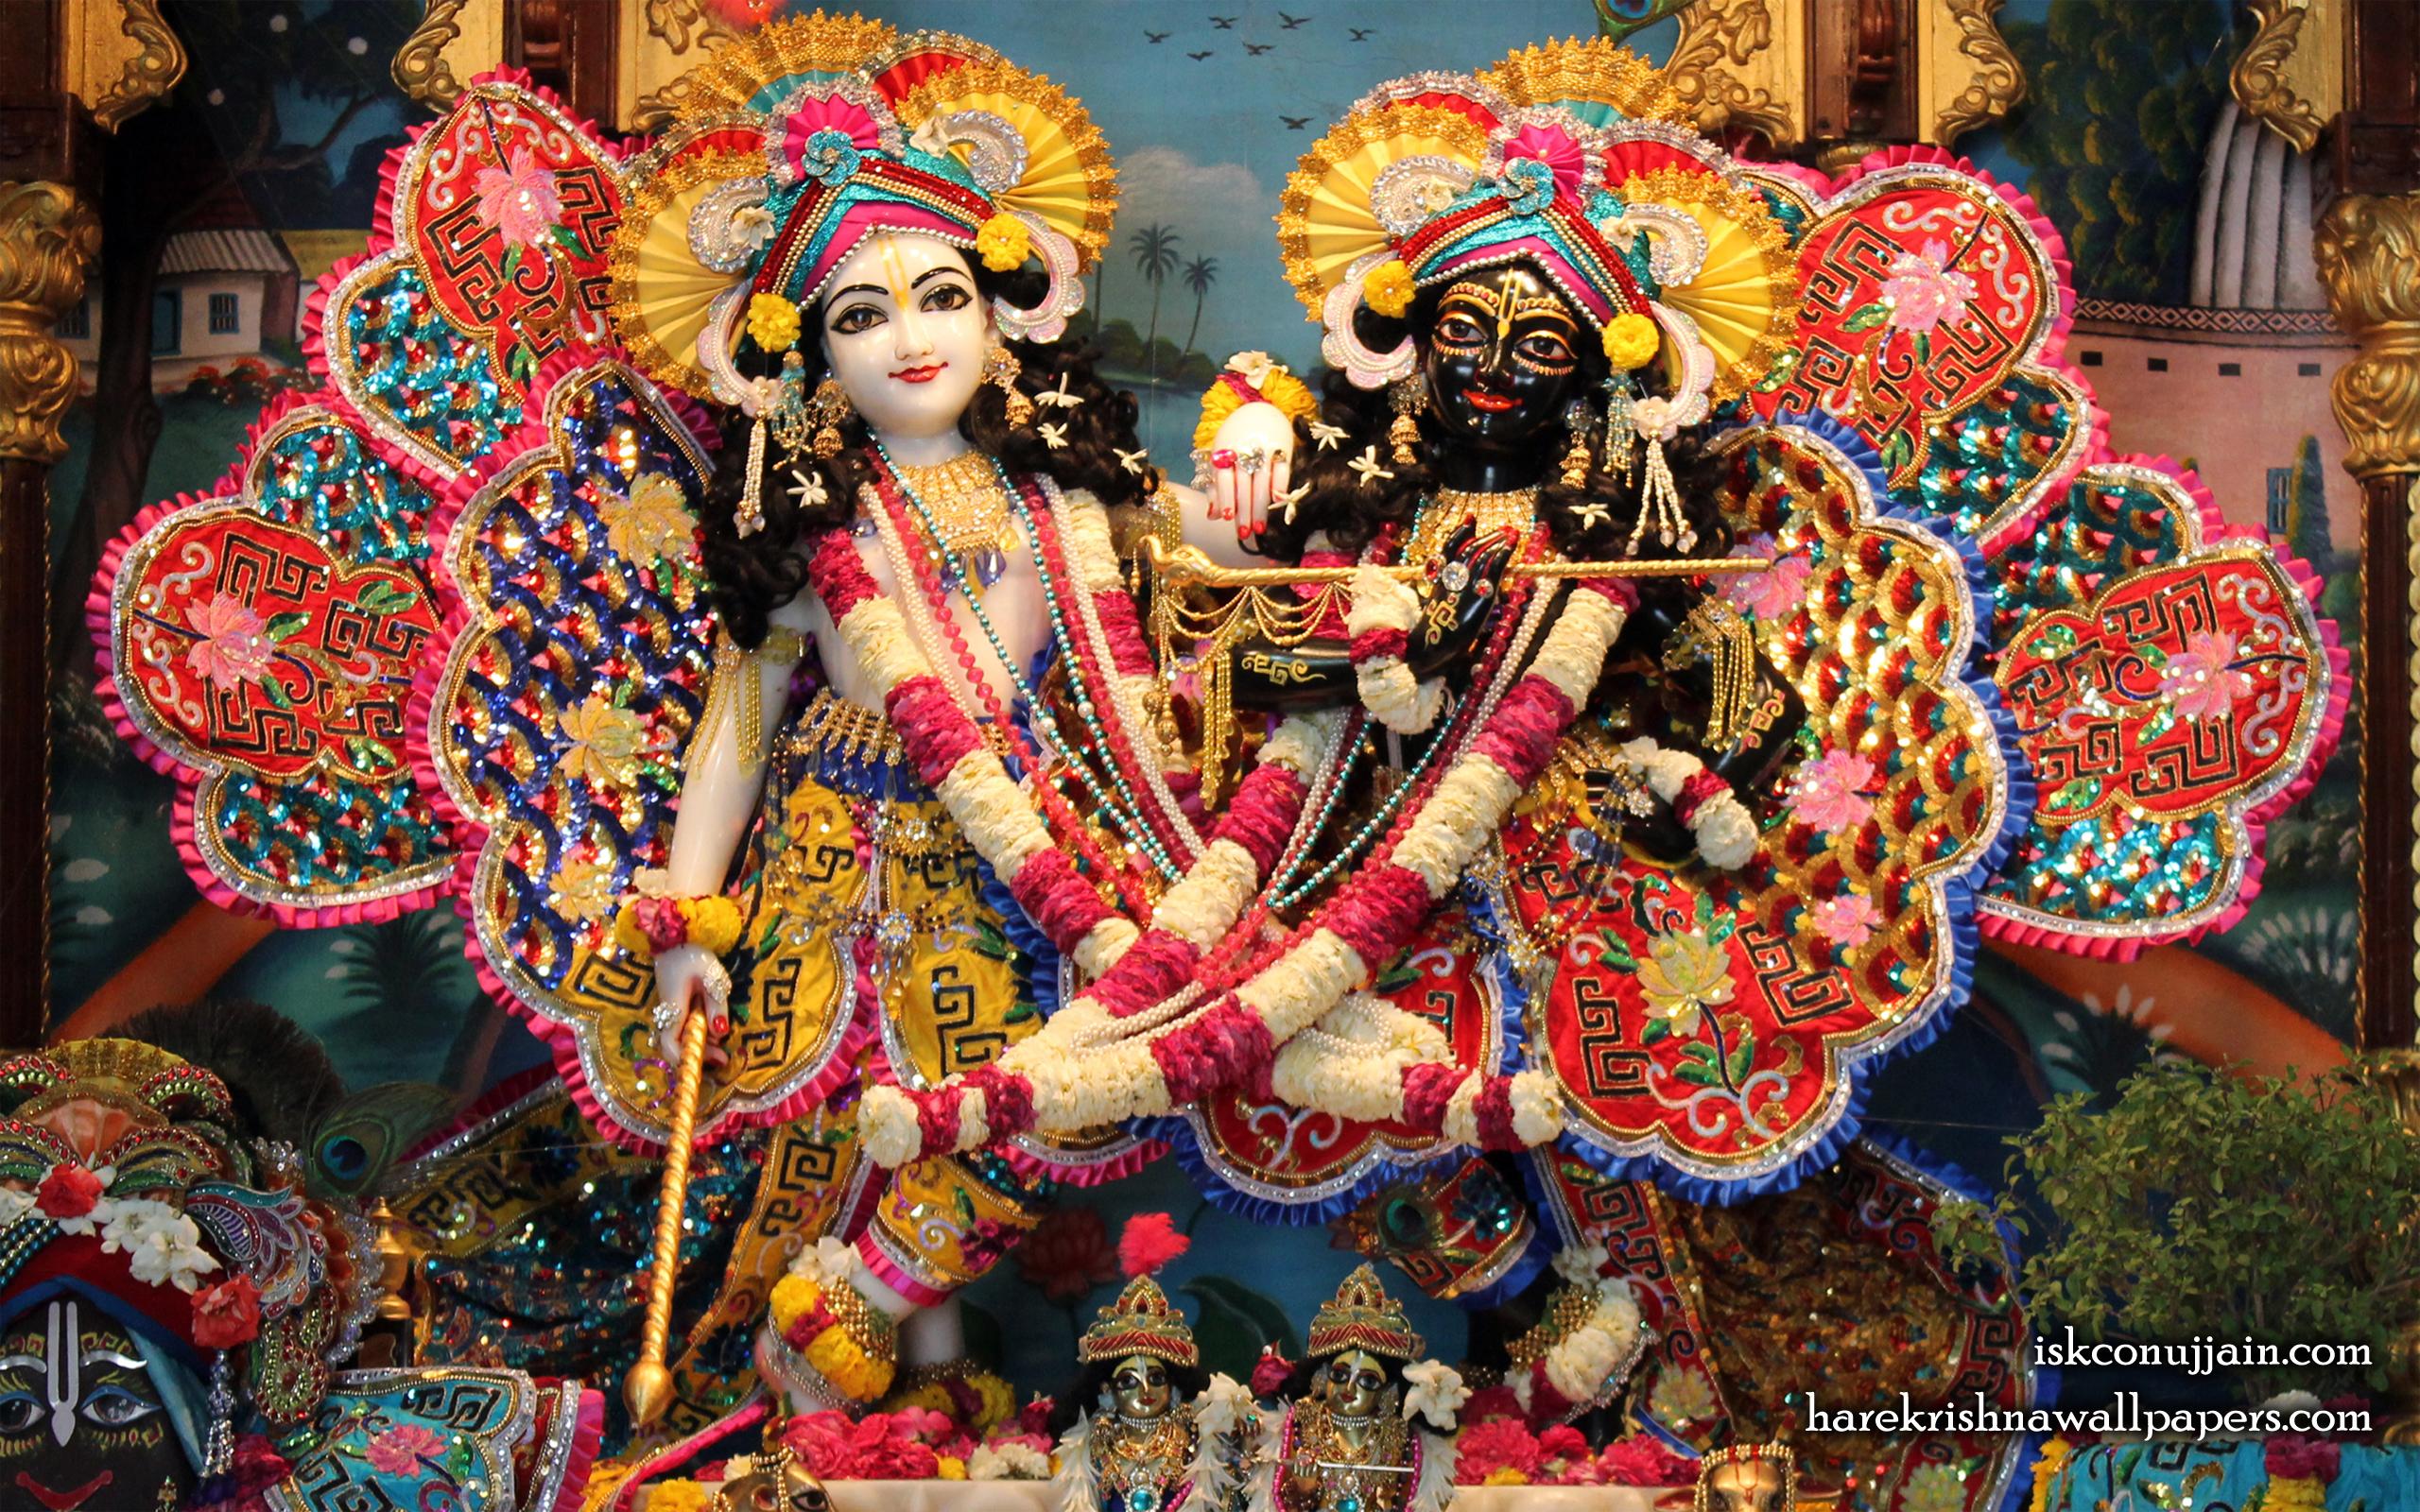 Sri Sri Krishna Balaram Wallpaper (004) Size 2560x1600 Download